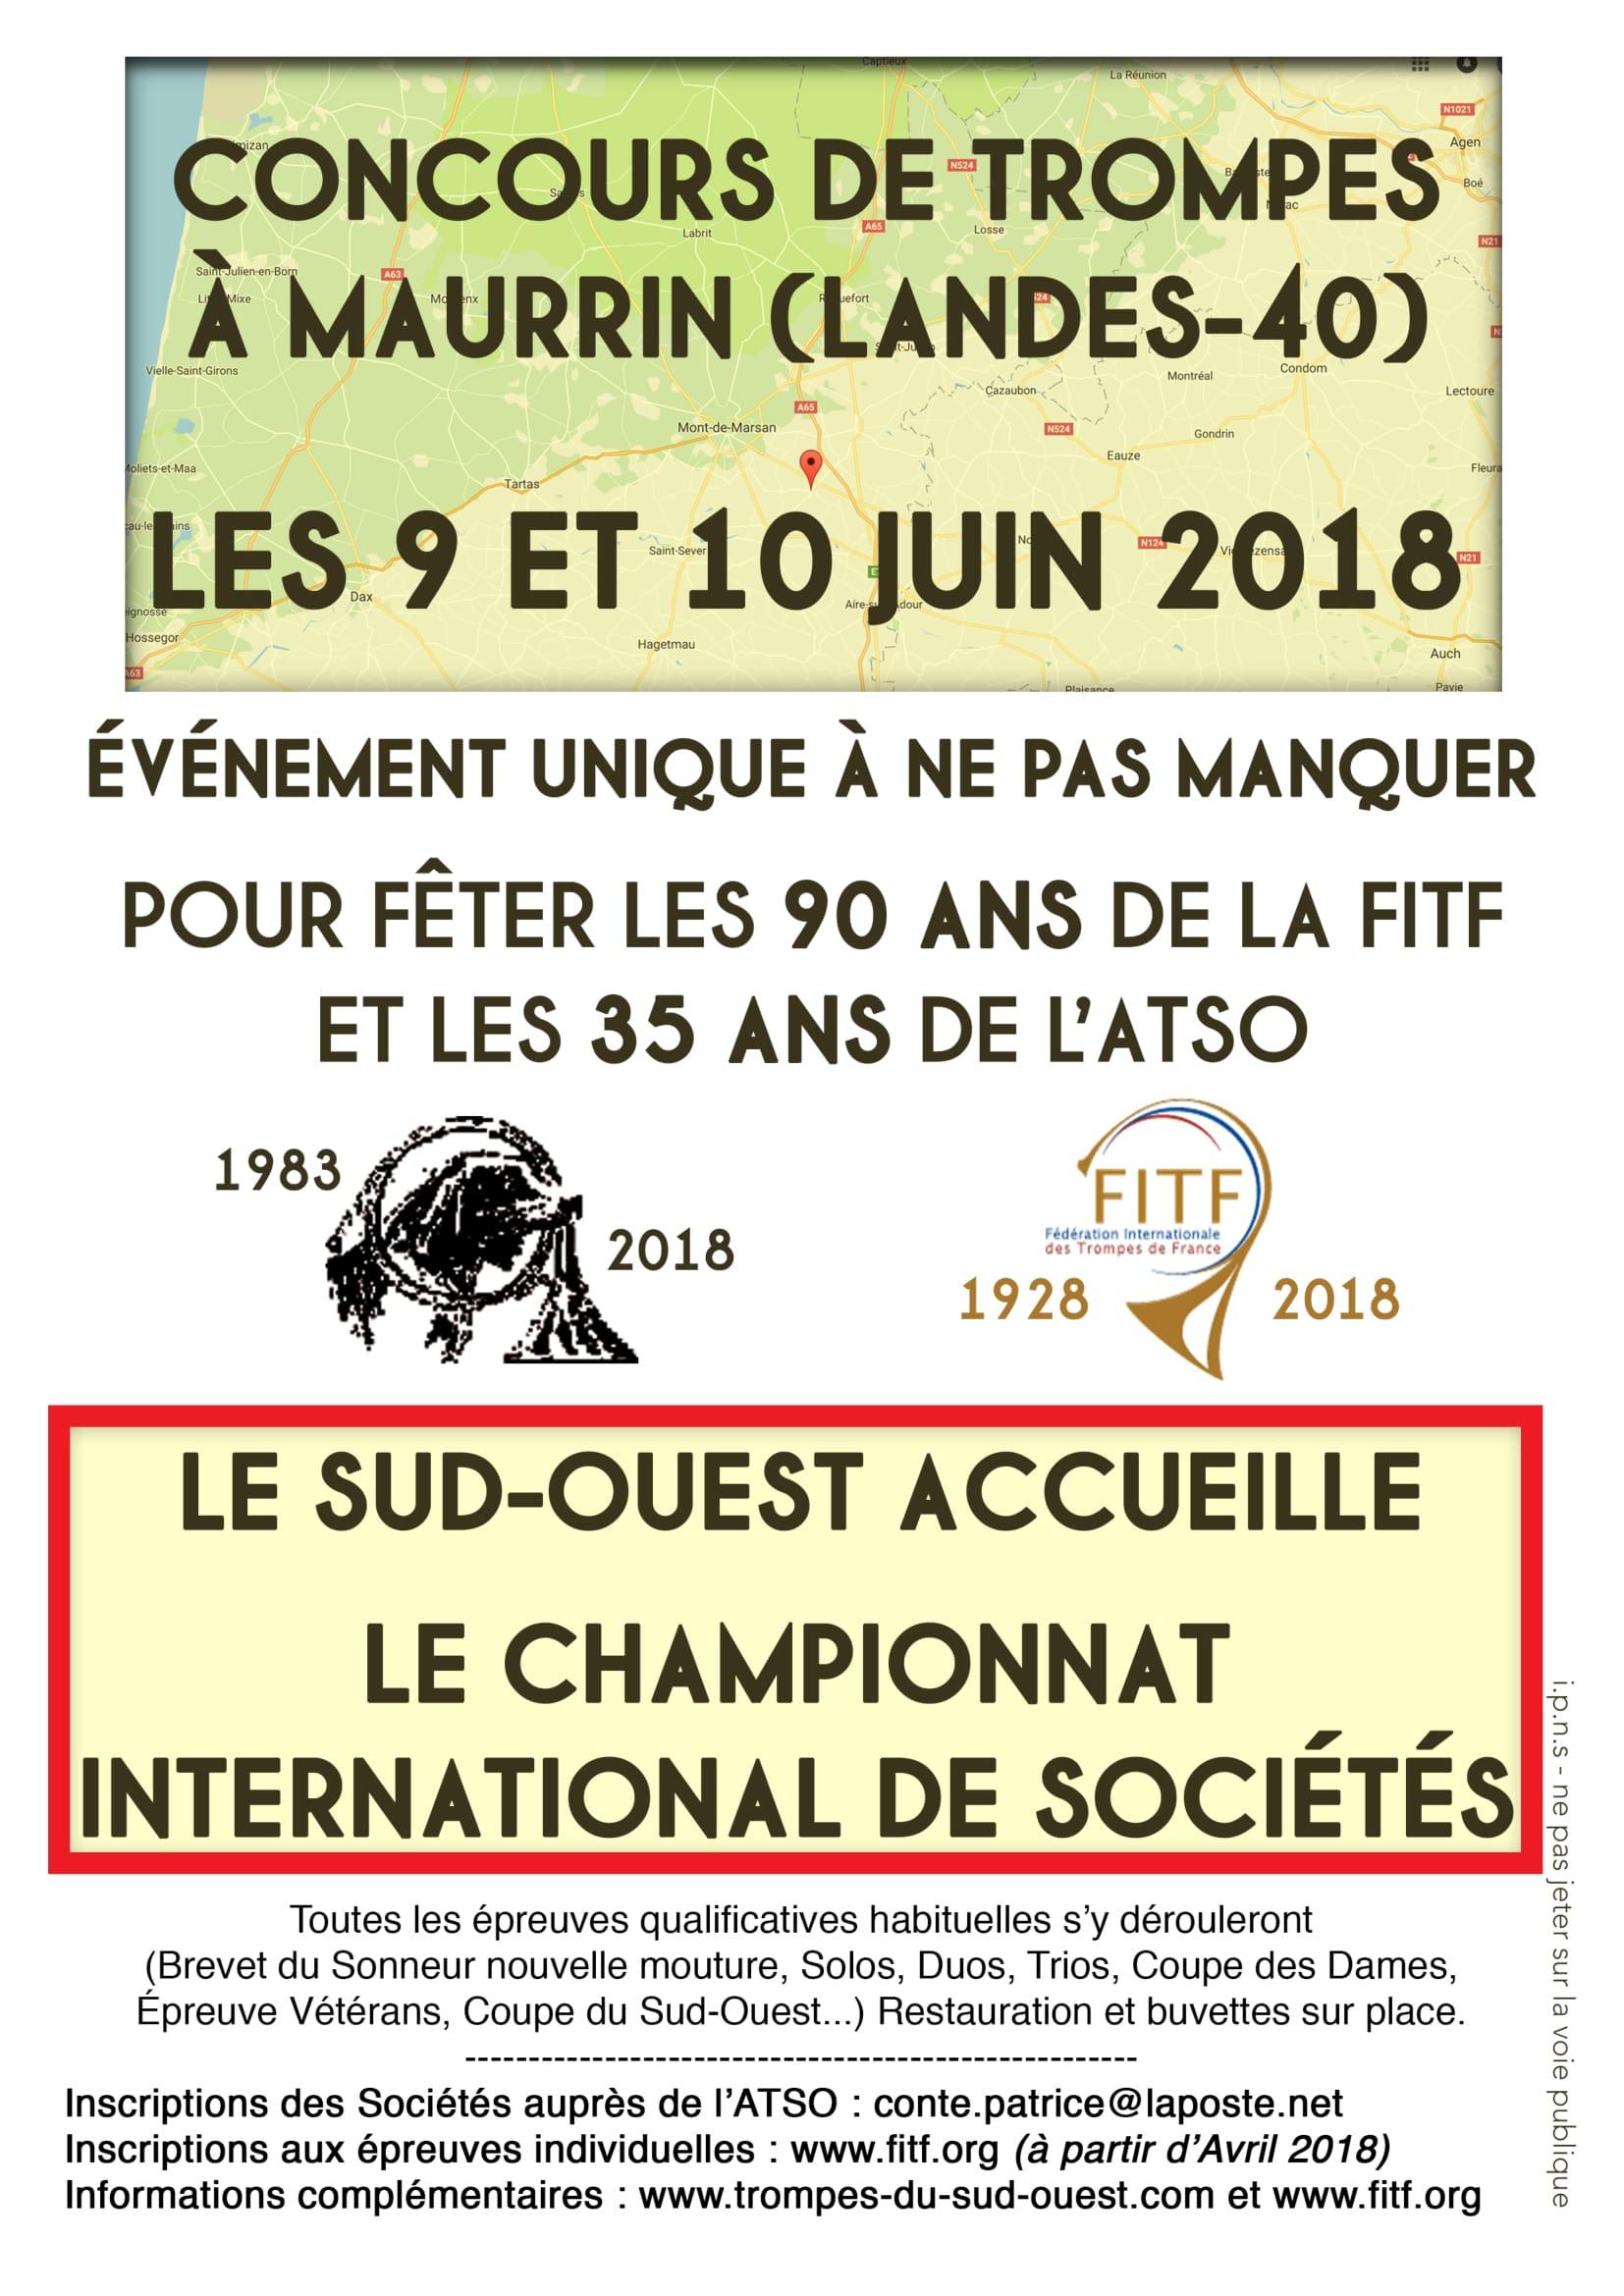 Affiche Festival concours international de sociétés FITF 9 et 10 juin 2018